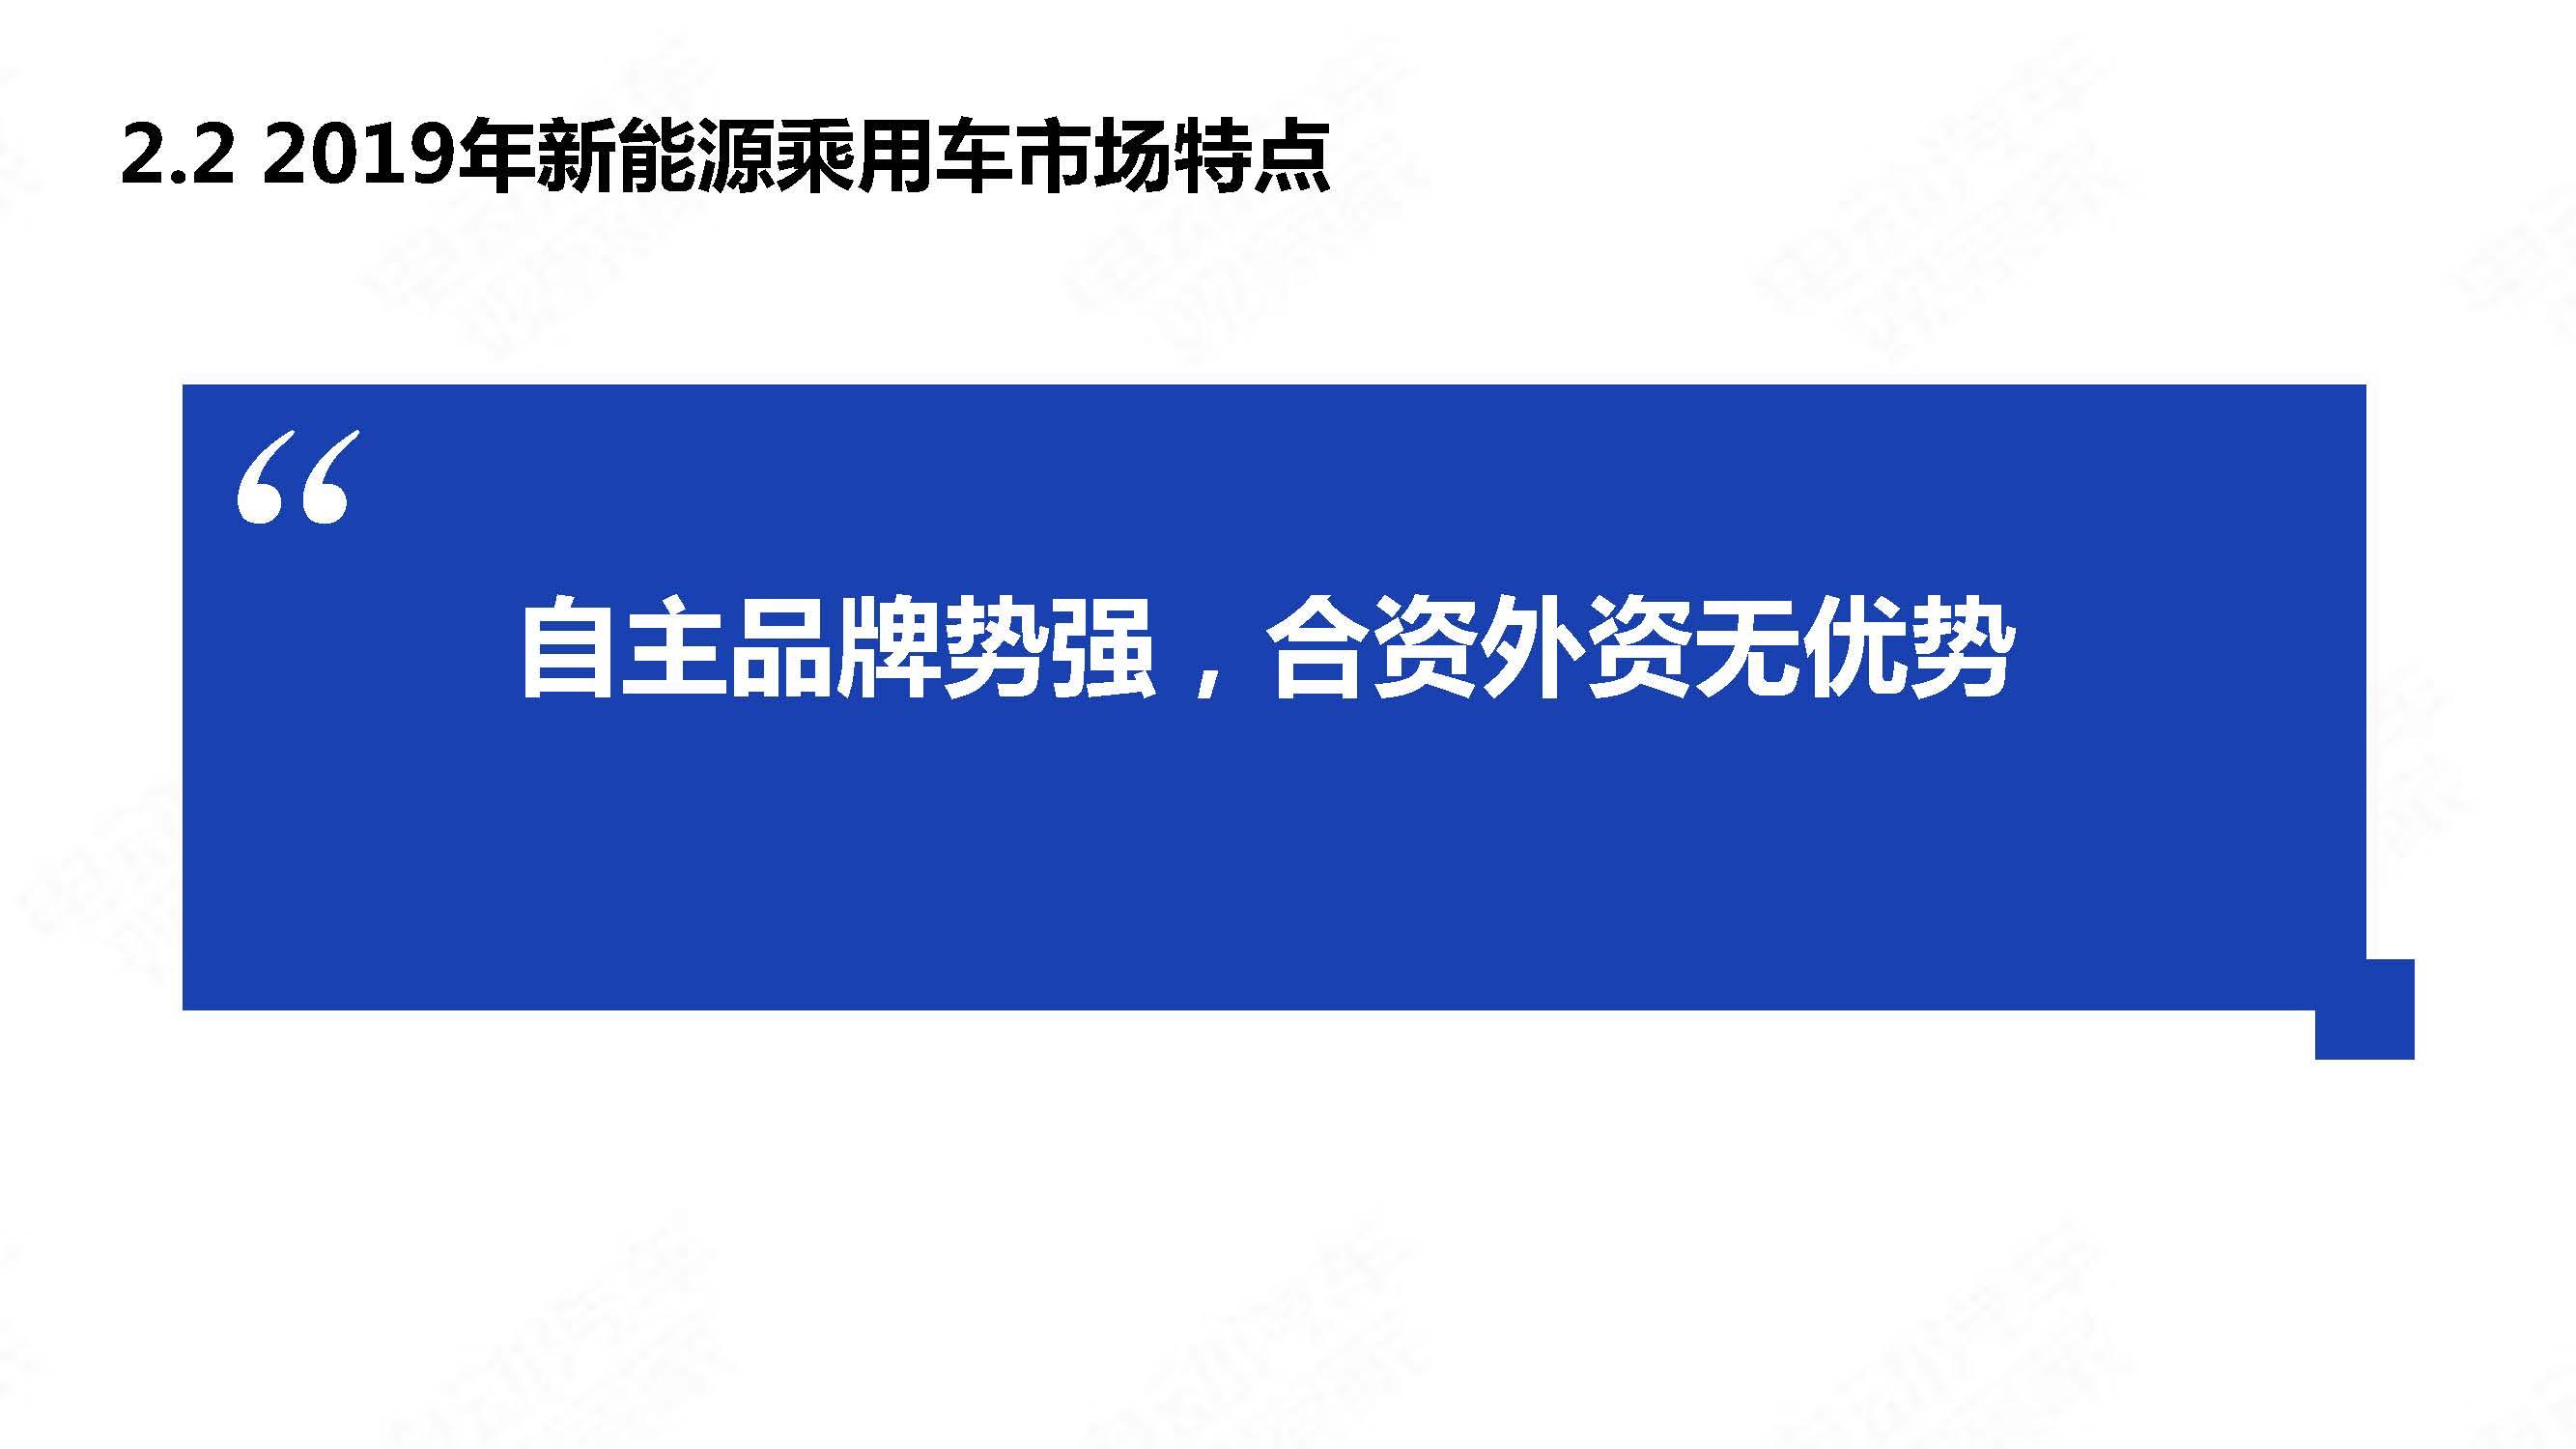 中国新能源汽车产业年度观察2020 简版_页面_09